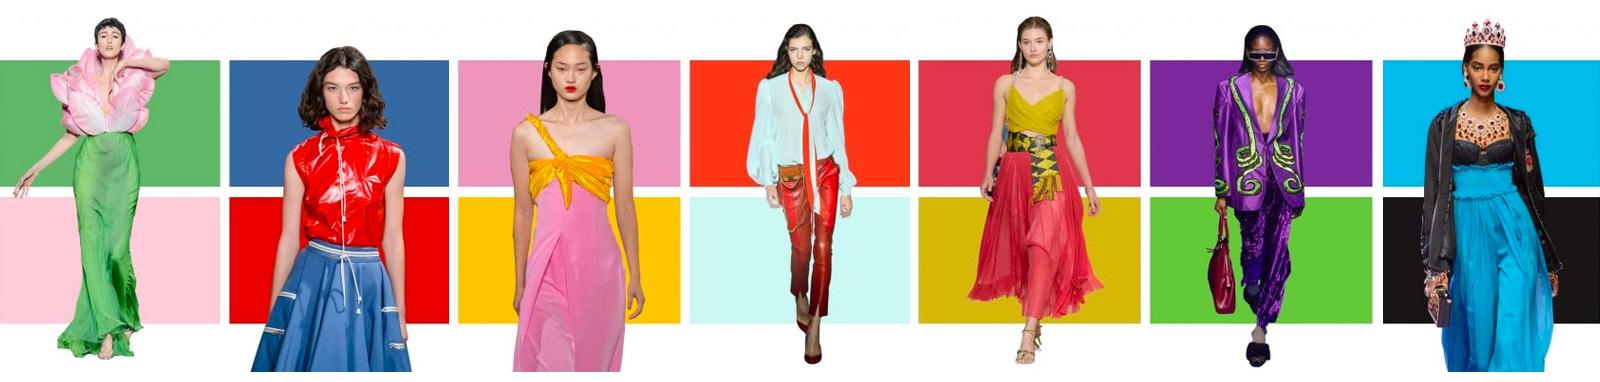 trend vestiti colori estate 2018